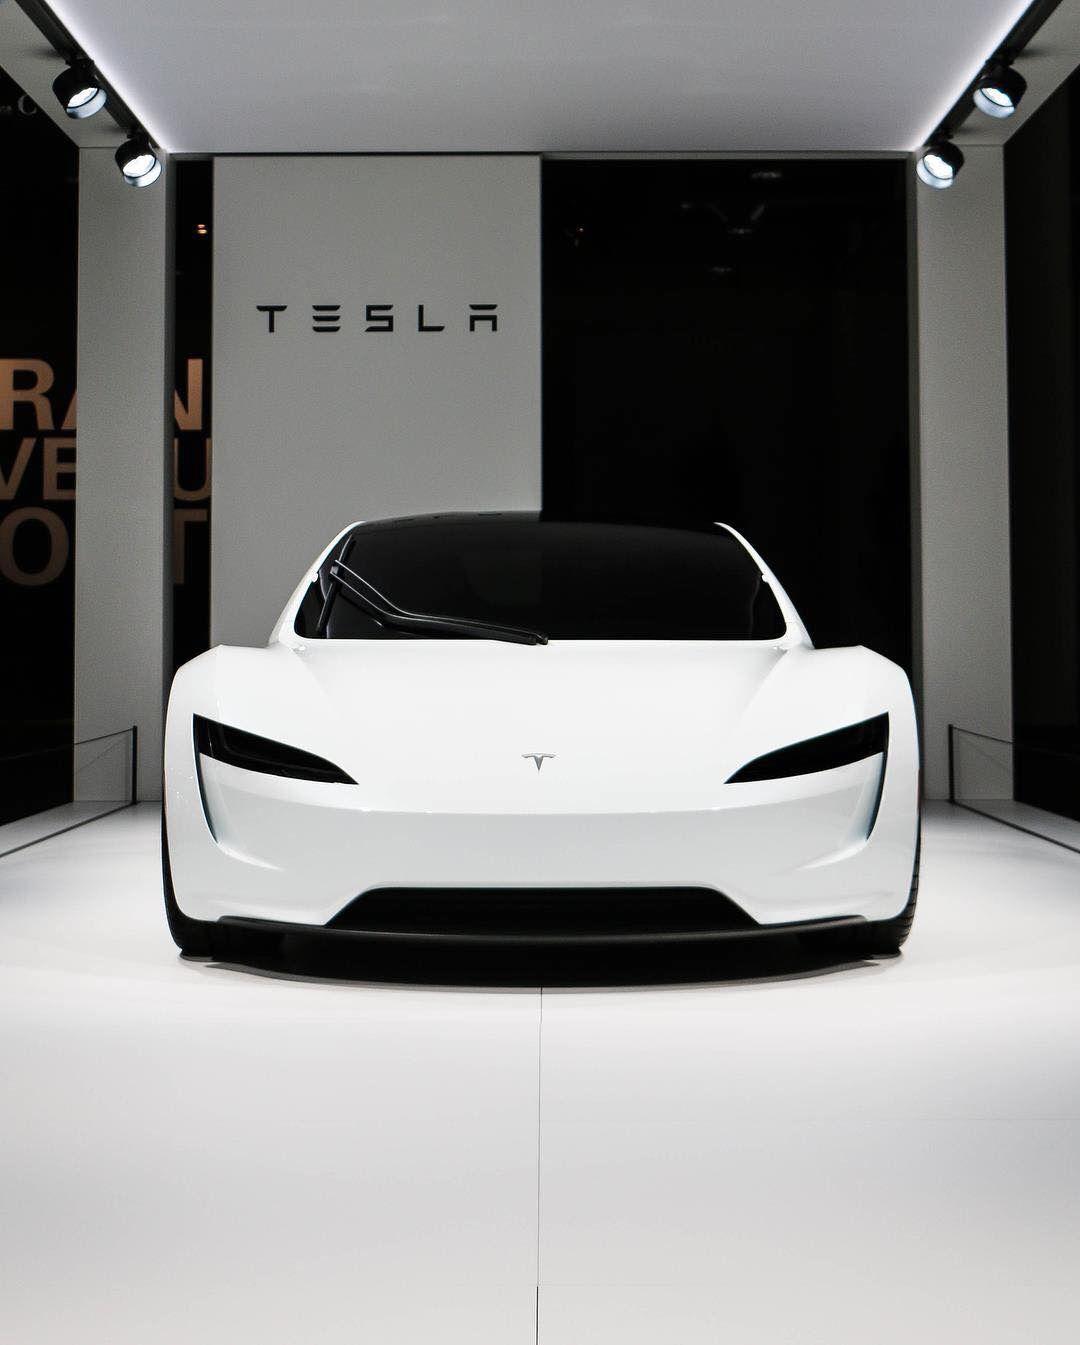 Tesla Car Dream Cars New: Tesla Car, Tesla Roadster, Top